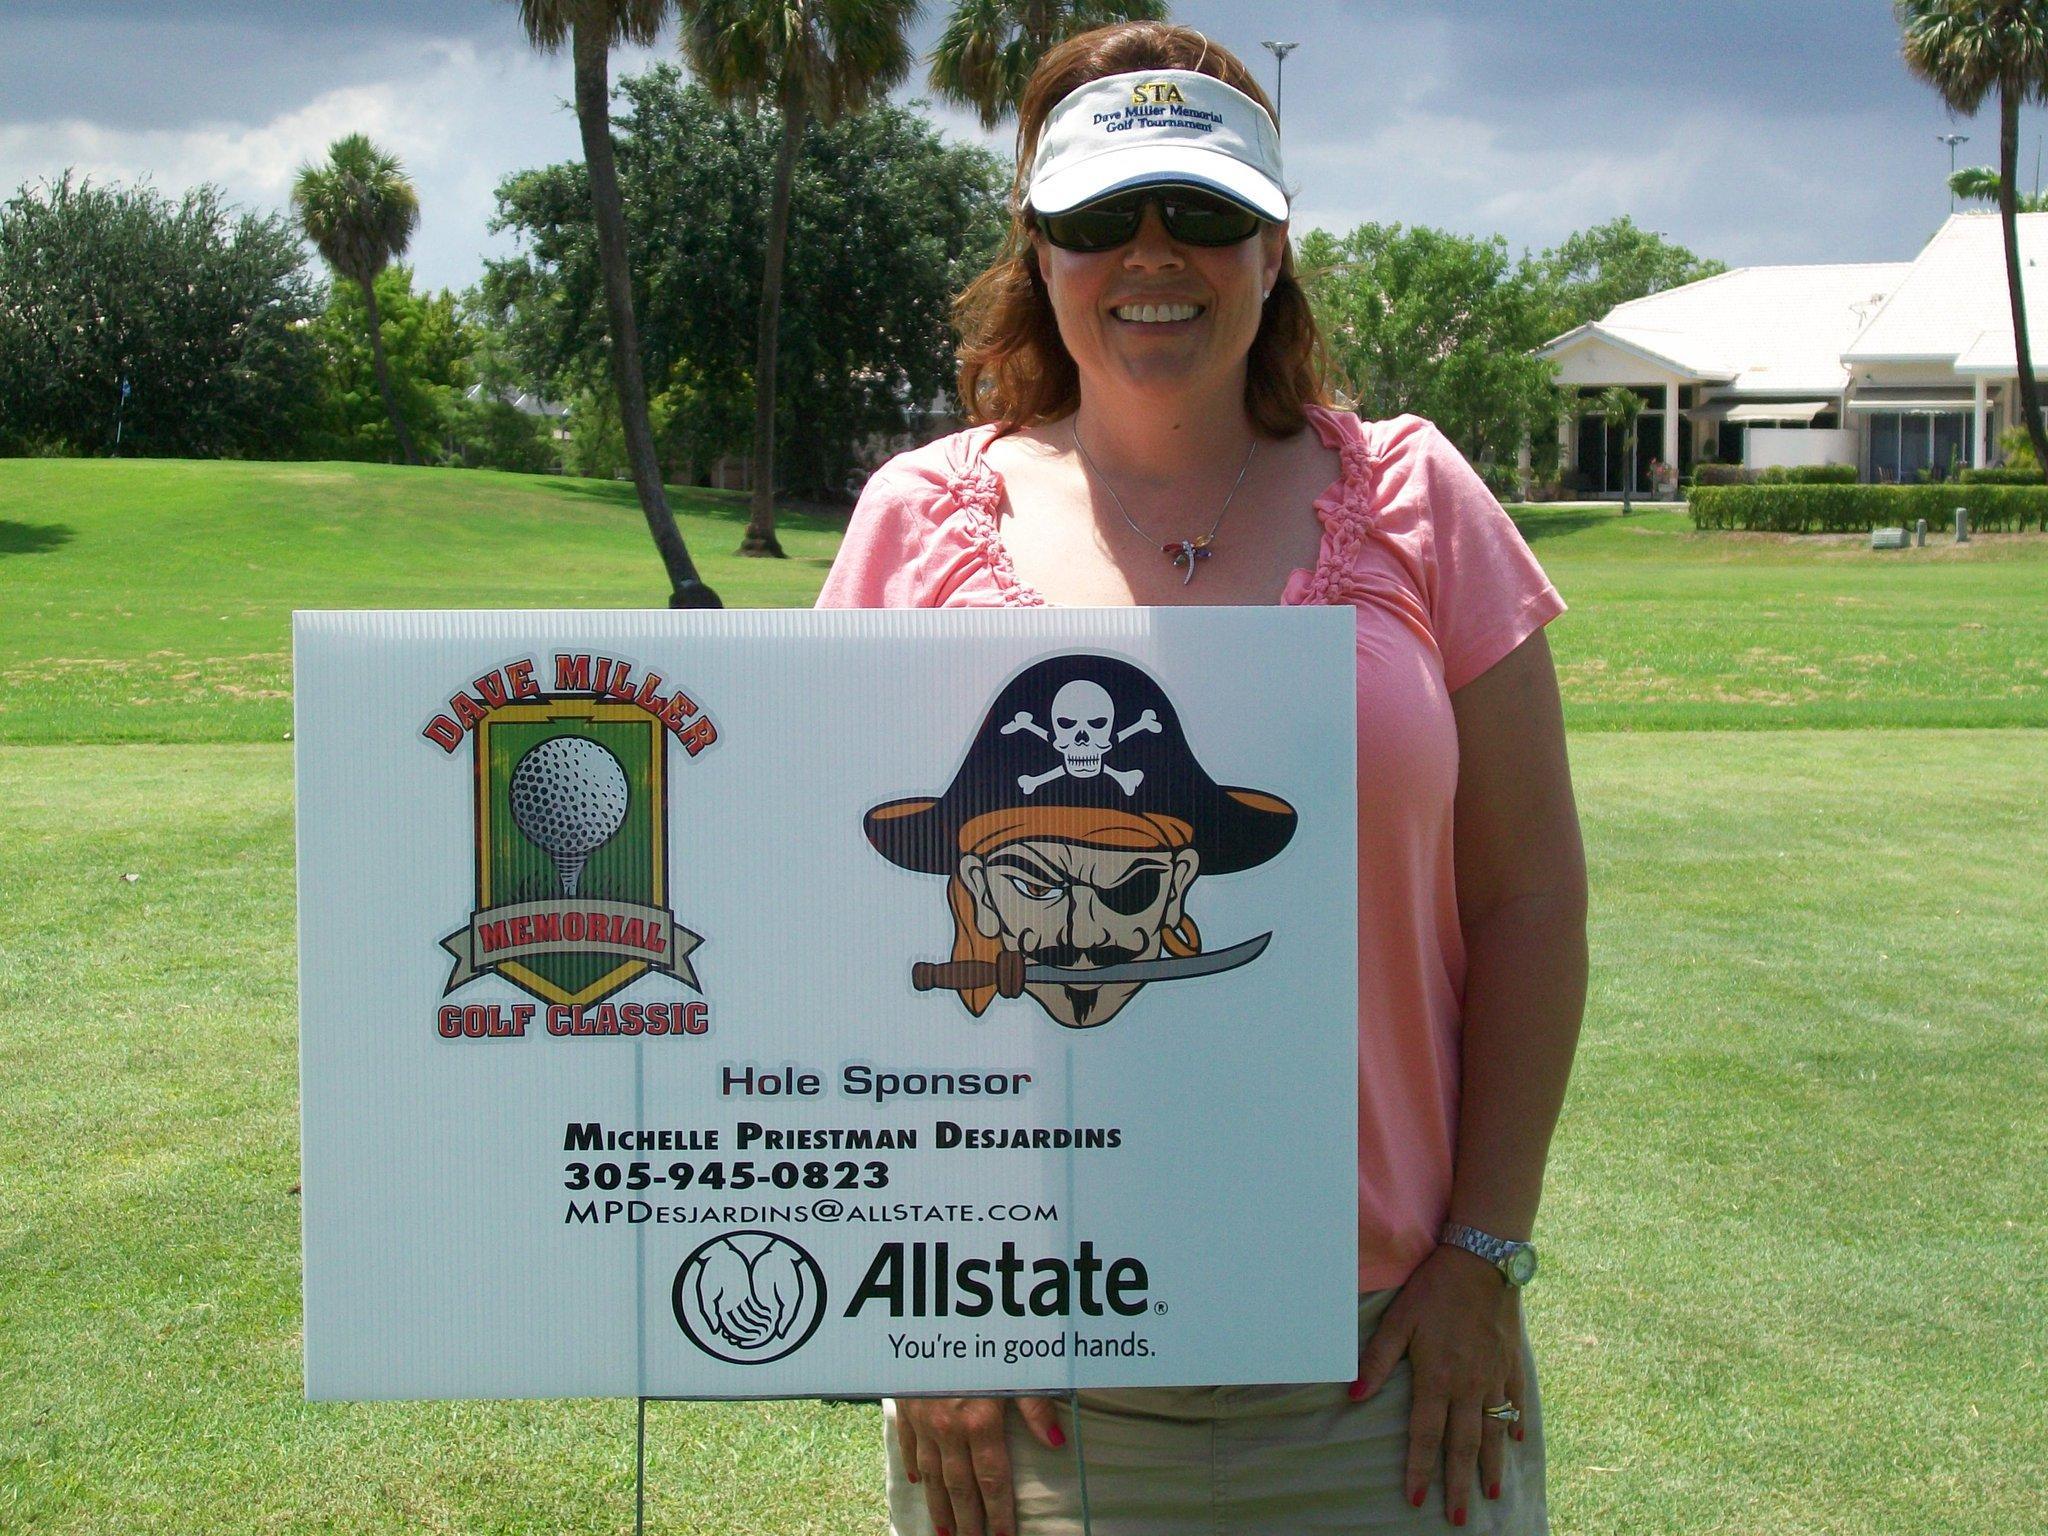 Michelle Priestman Desjardins: Allstate Insurance image 22